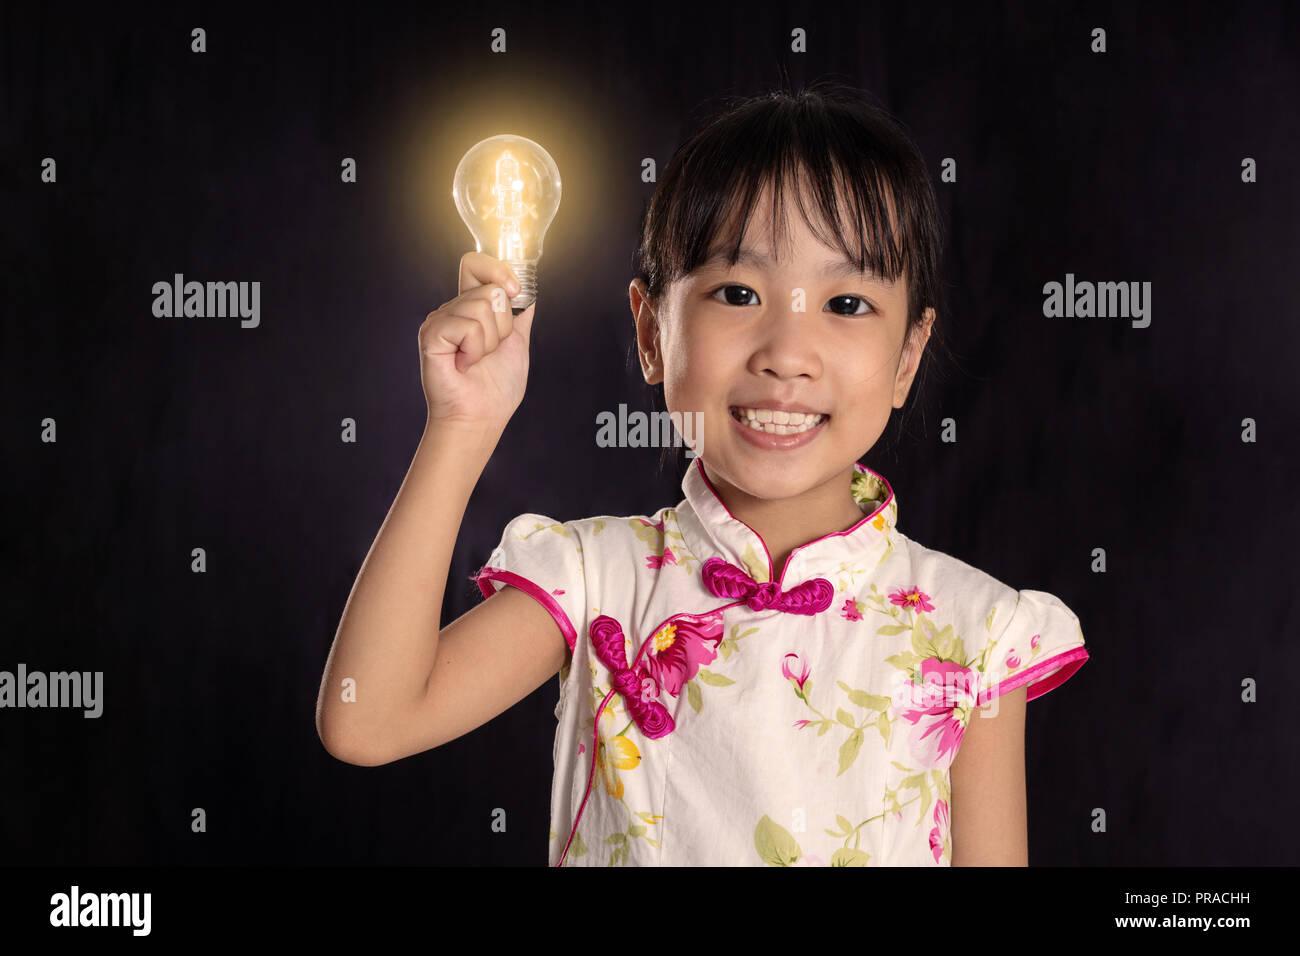 Asiatische chinesische kleine Mädchen, dass eine Glühbirne in isolierten schwarzen Hintergrund Stockbild